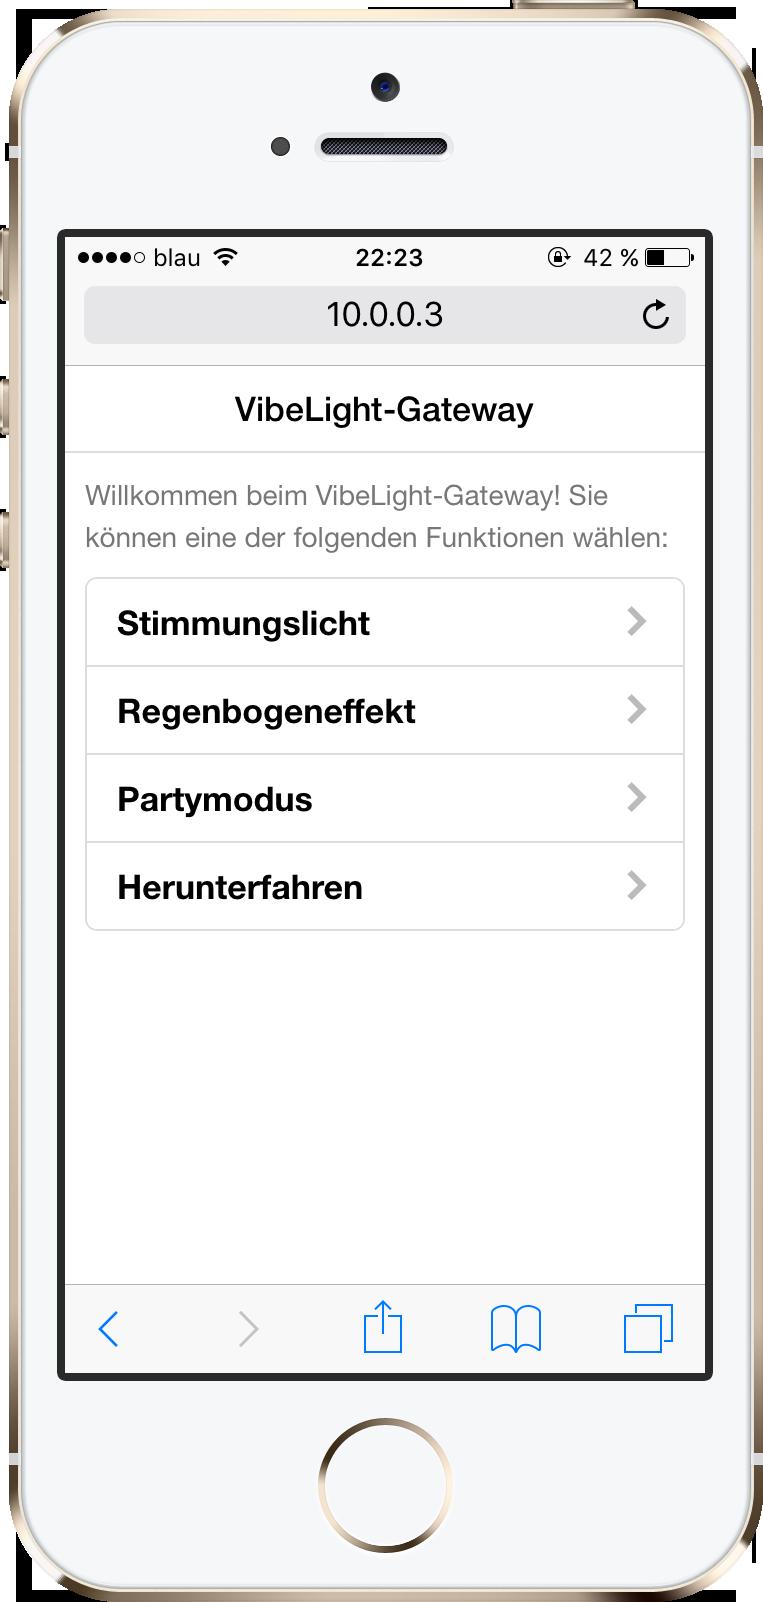 Web-App Übersicht